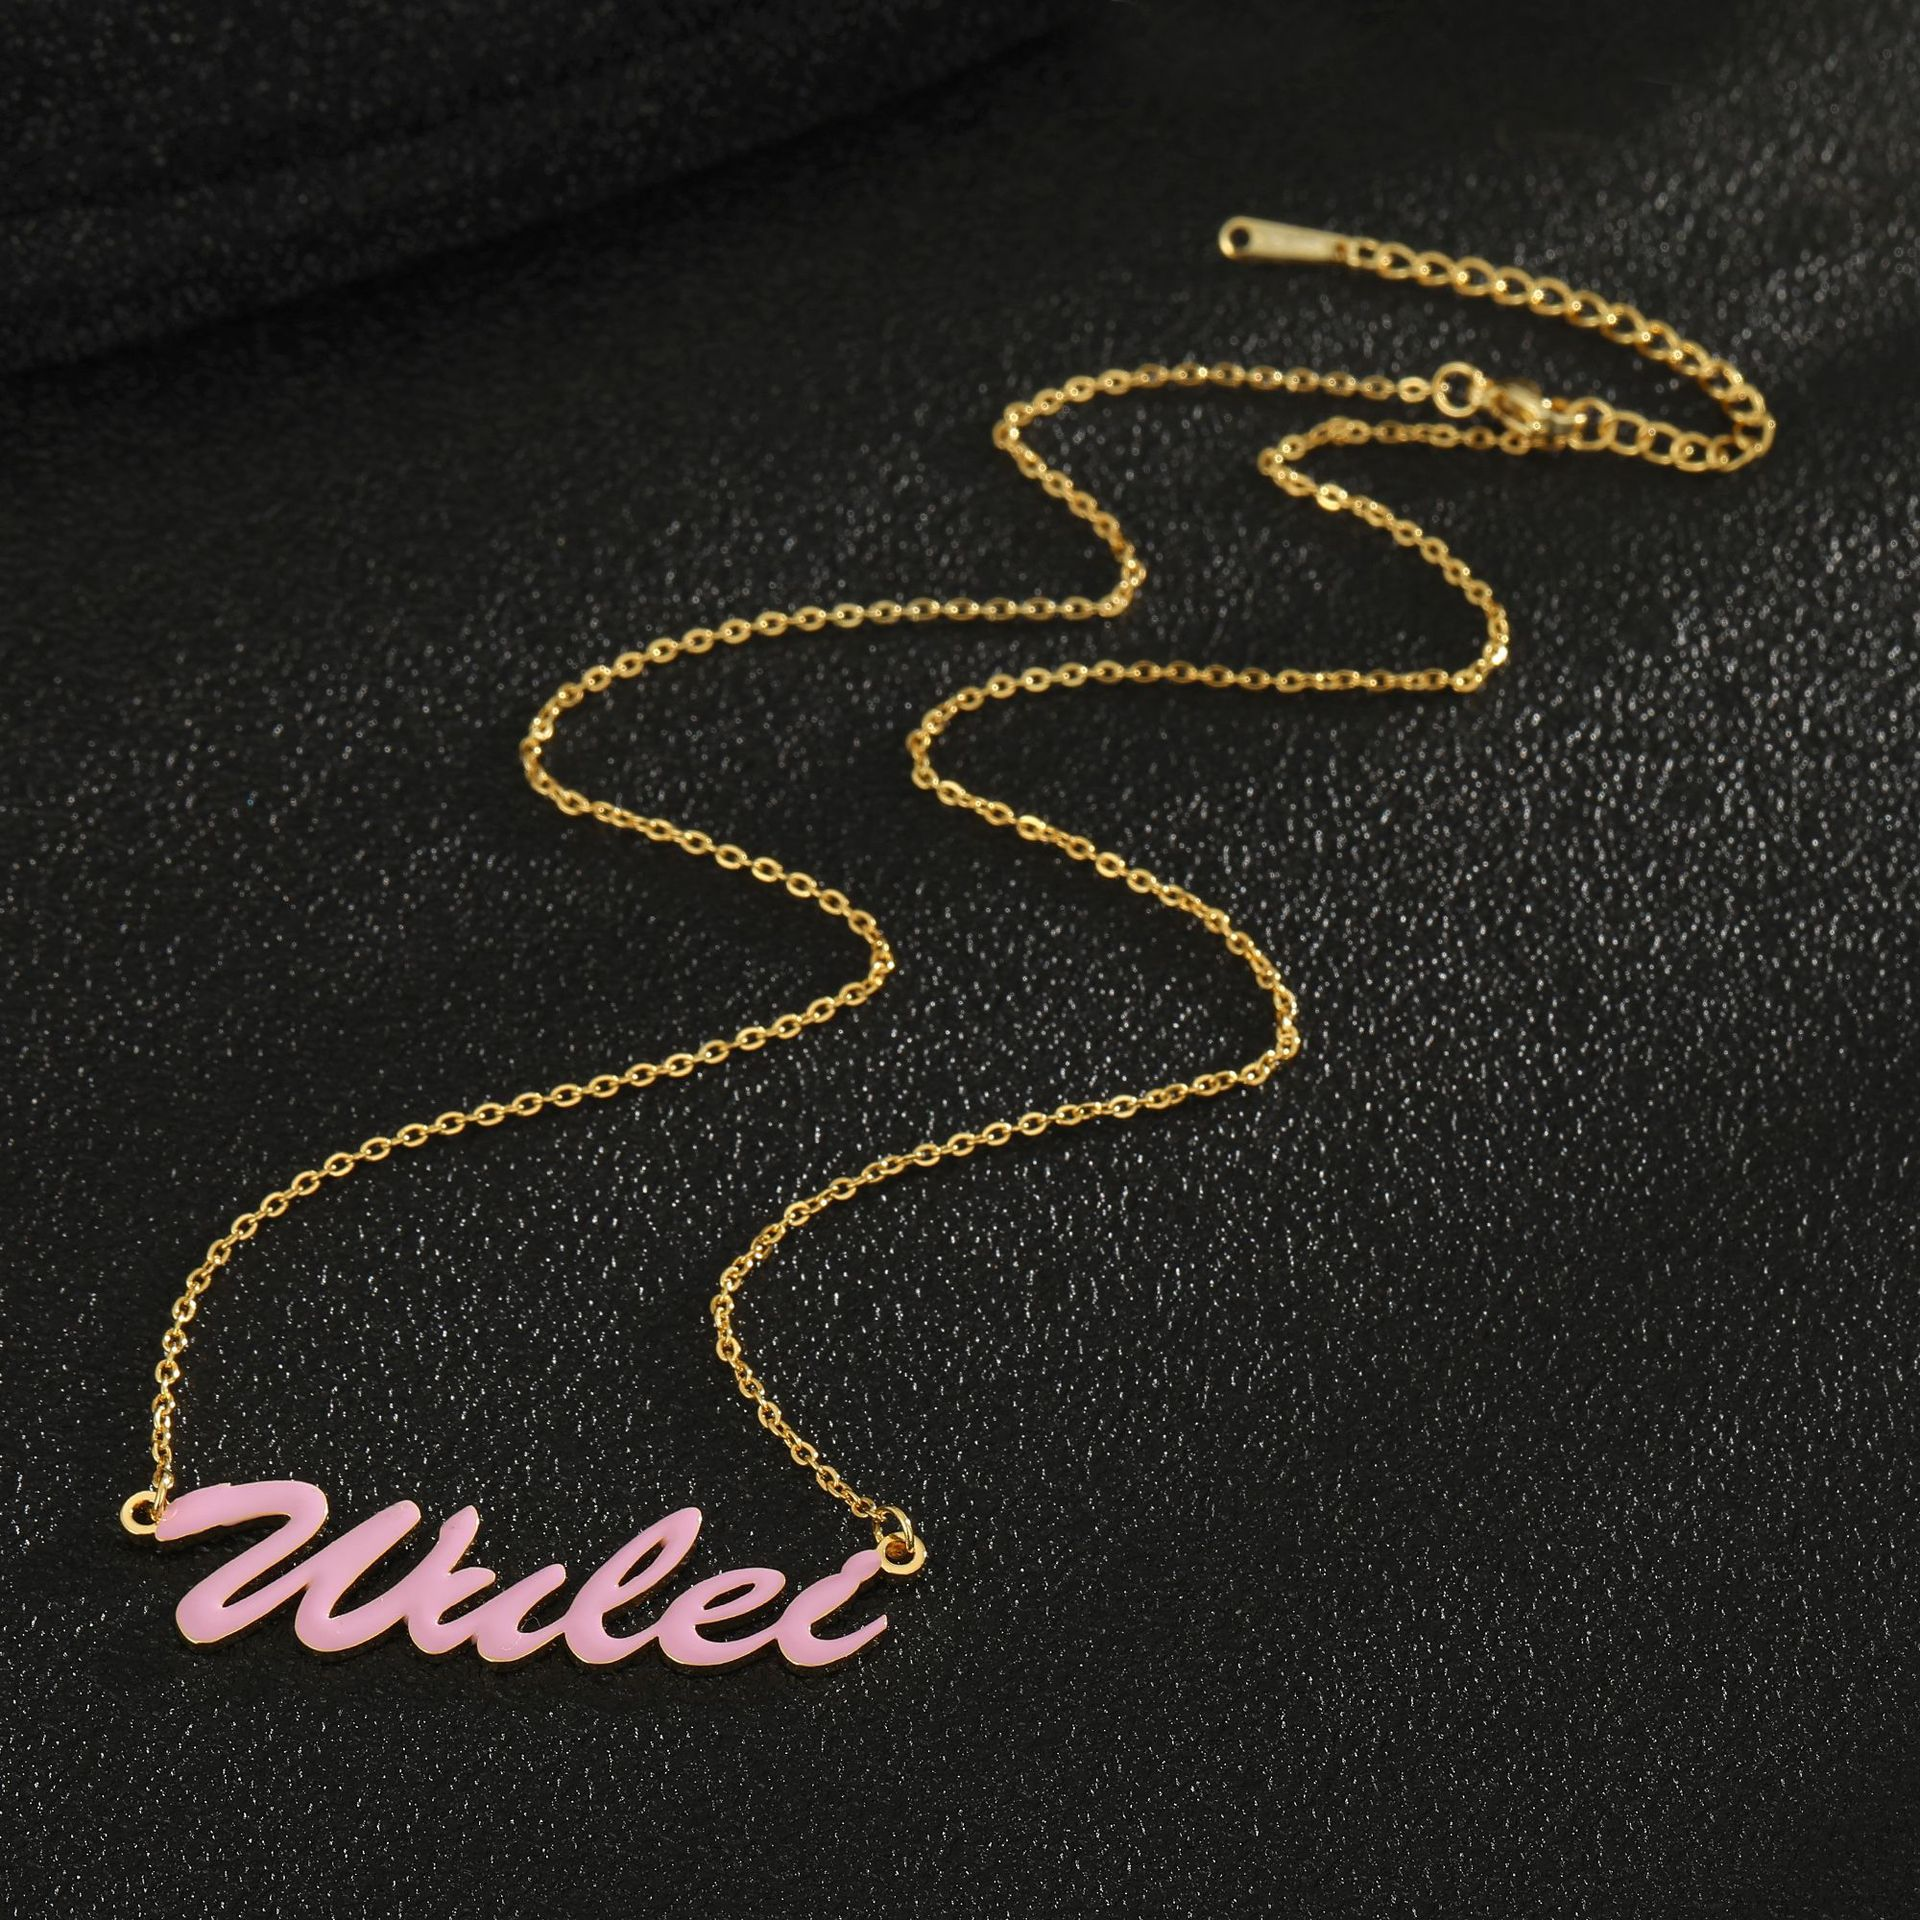 Браслеты с именем на заказ, цепочка с именем на заказ из 18-каратного золота, цепочка с буквами на заказ, браслет из нержавеющей стали, цепочка...